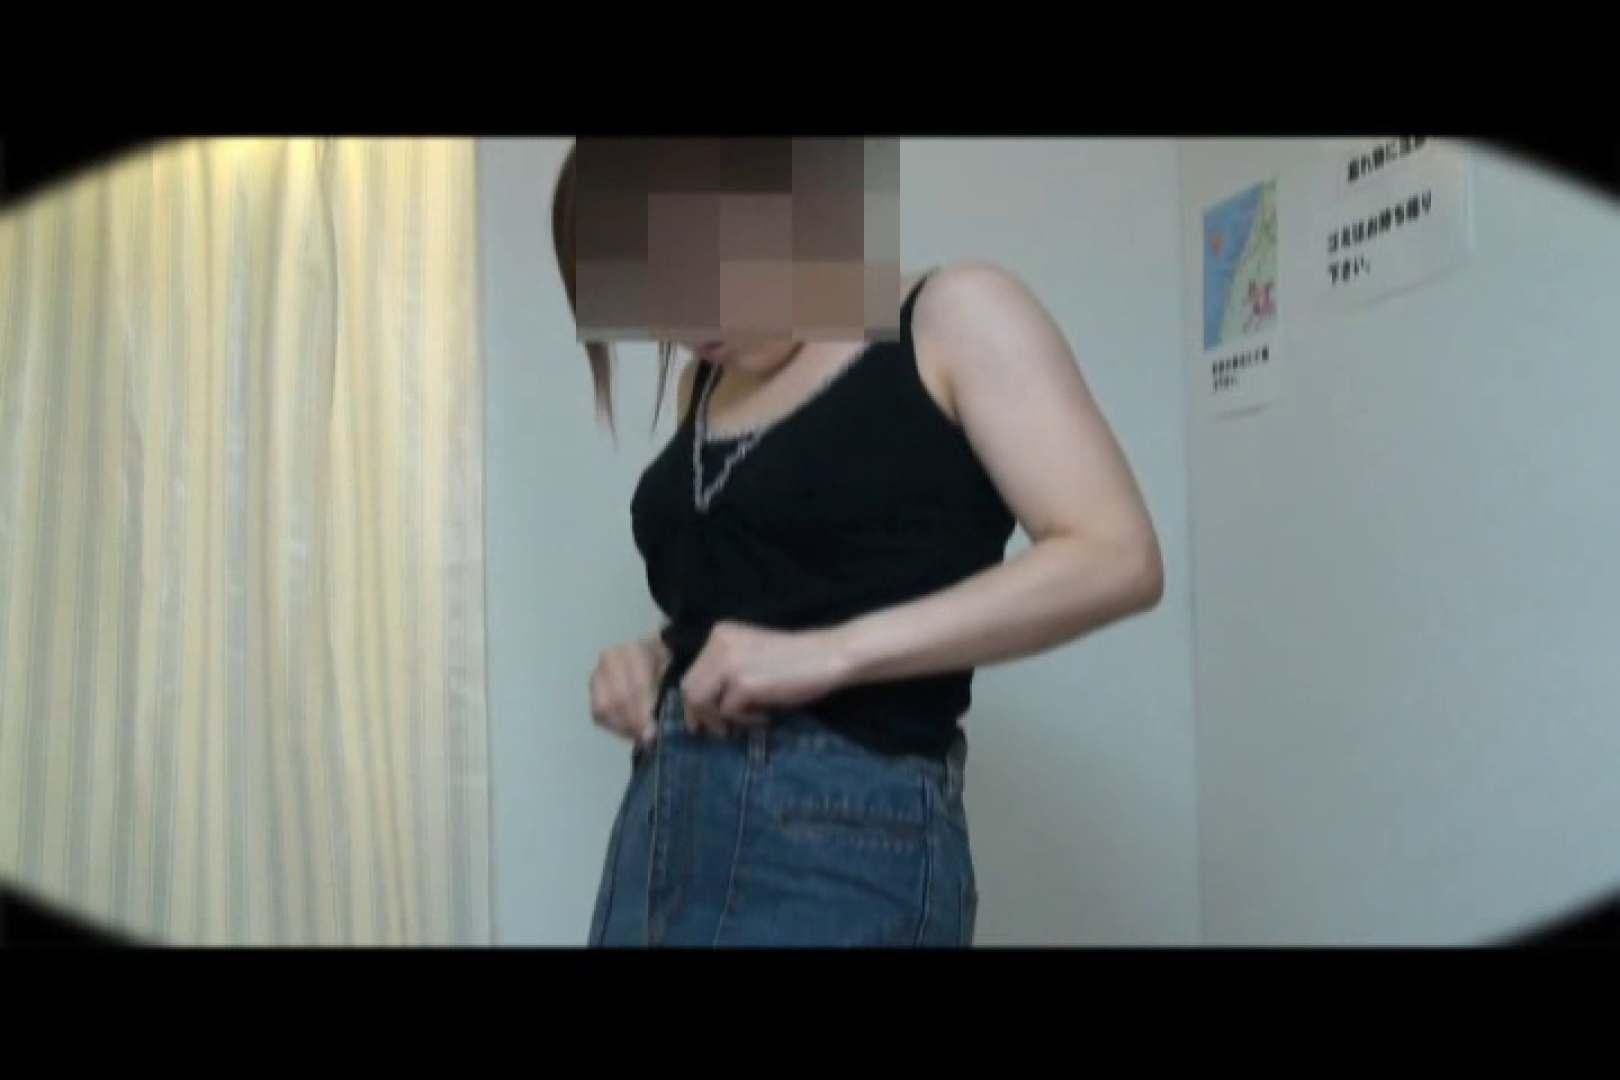 堅実でケチな女性程盗撮される。vol.05 絶品!柔肌嬢! マンコ特別編 | 接写  71枚 15